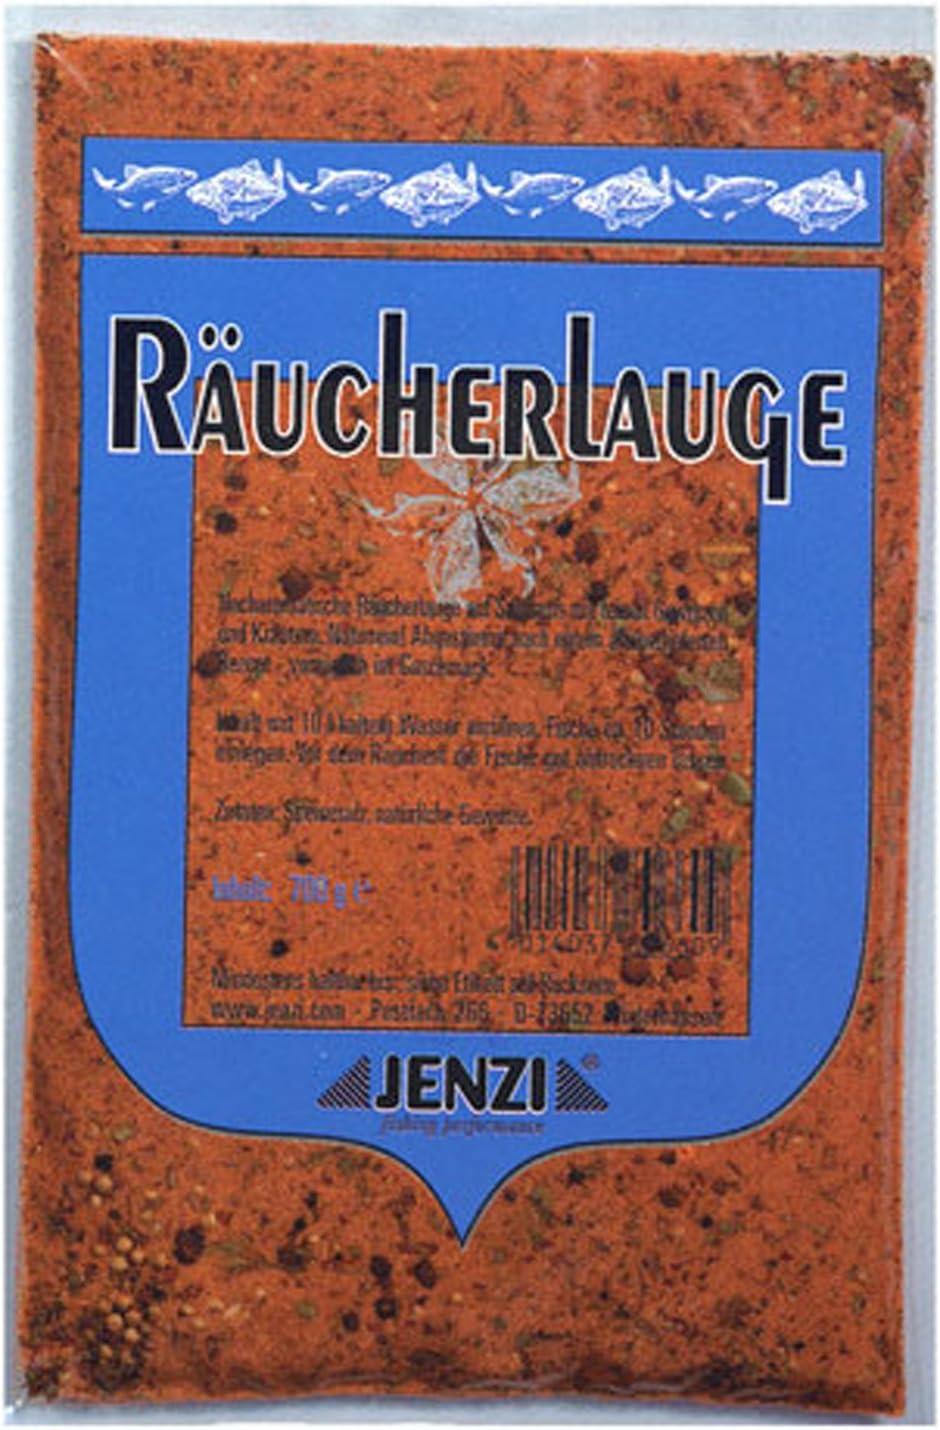 10 x Räucherlauge Jenzi Original 10 Beutel mit 700 g kostenloser Versand !!!